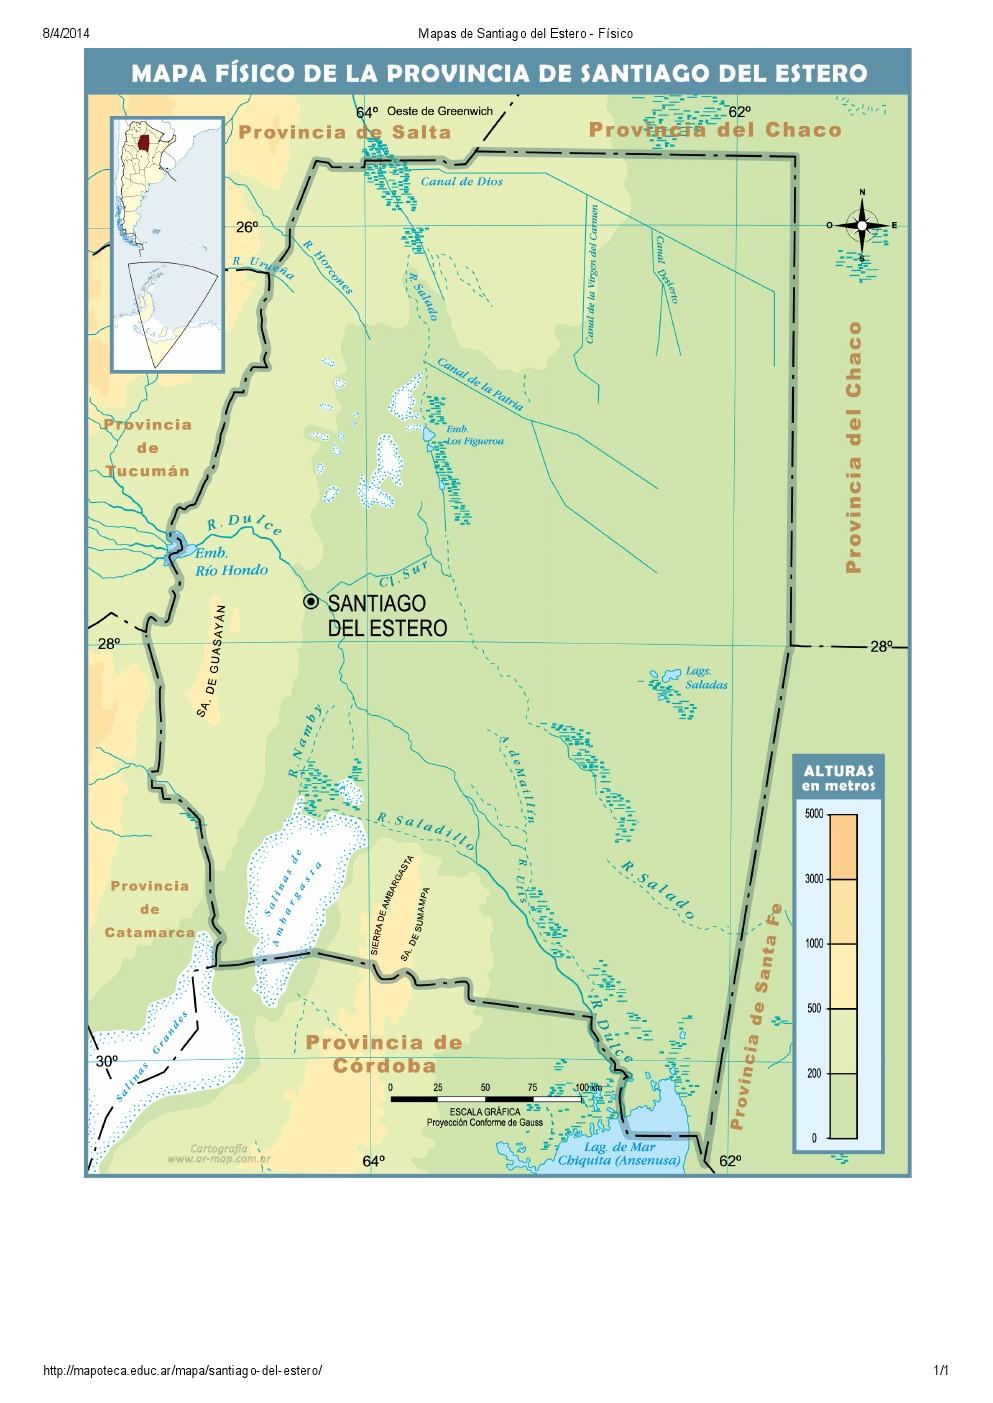 Mapa de ríos de Santiago del Estero. Mapoteca de Educ.ar